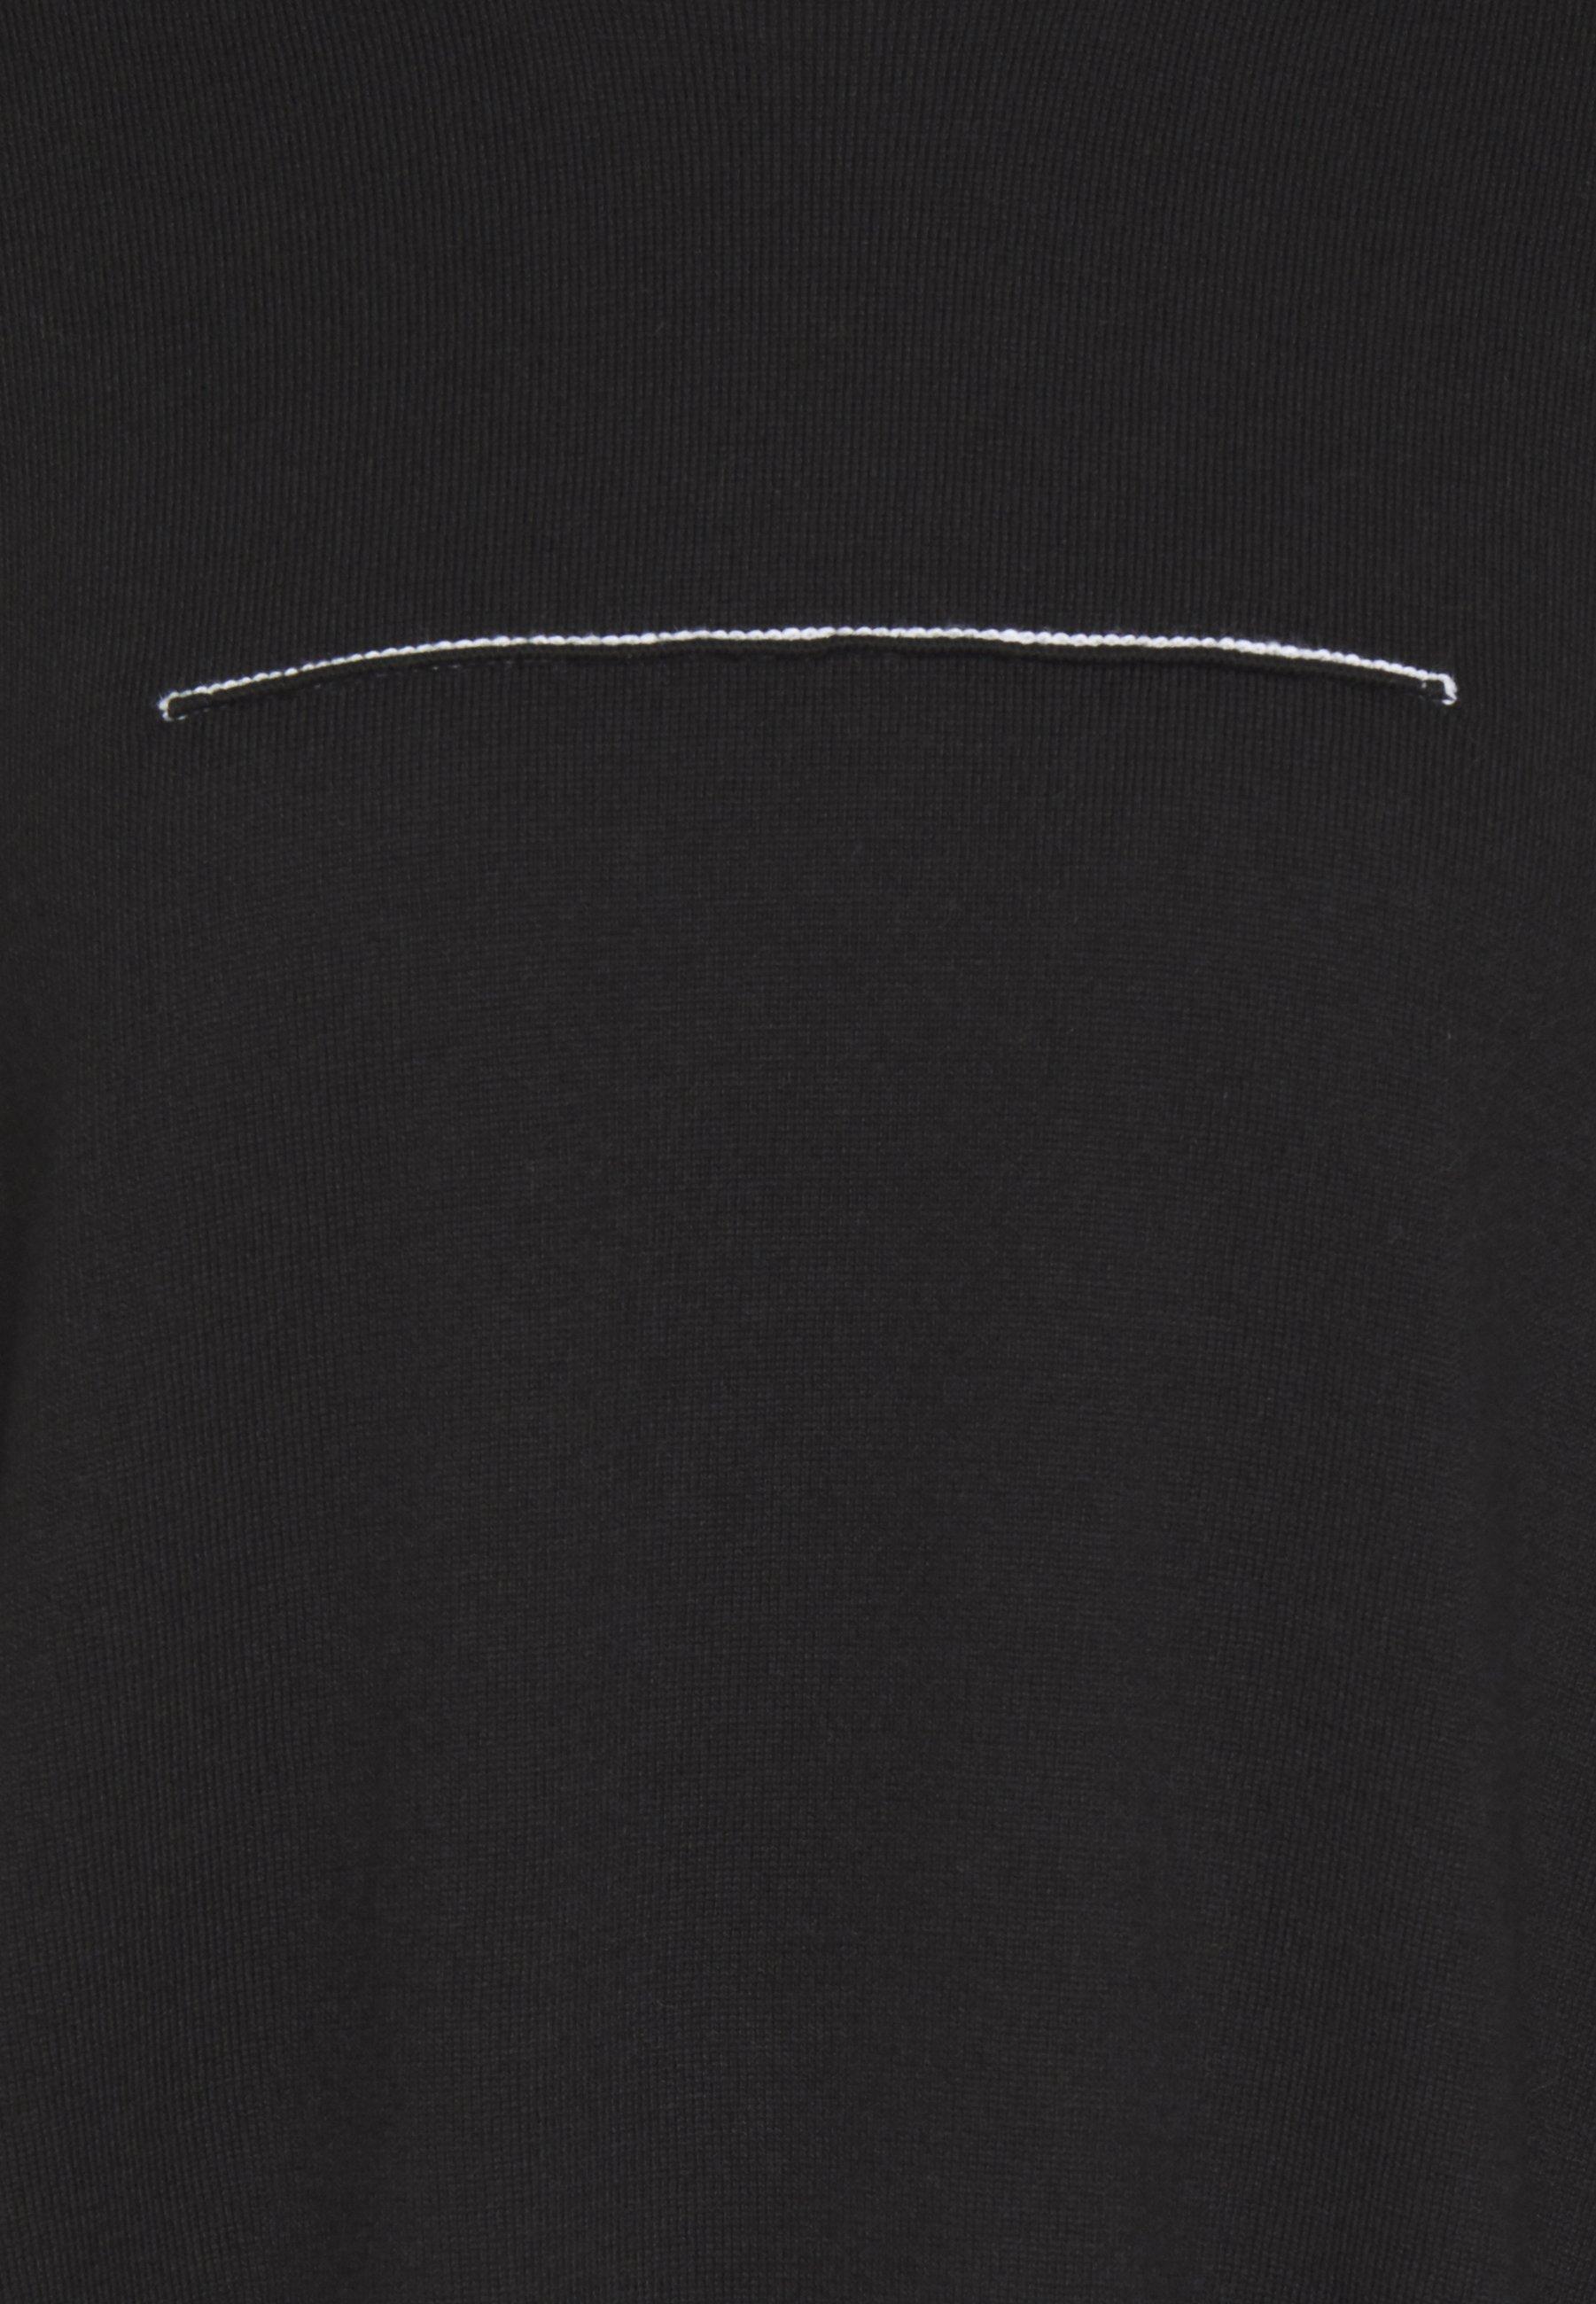 MM6 Maison Margiela Pullover - black - Pulls & Gilets Femme YejeU